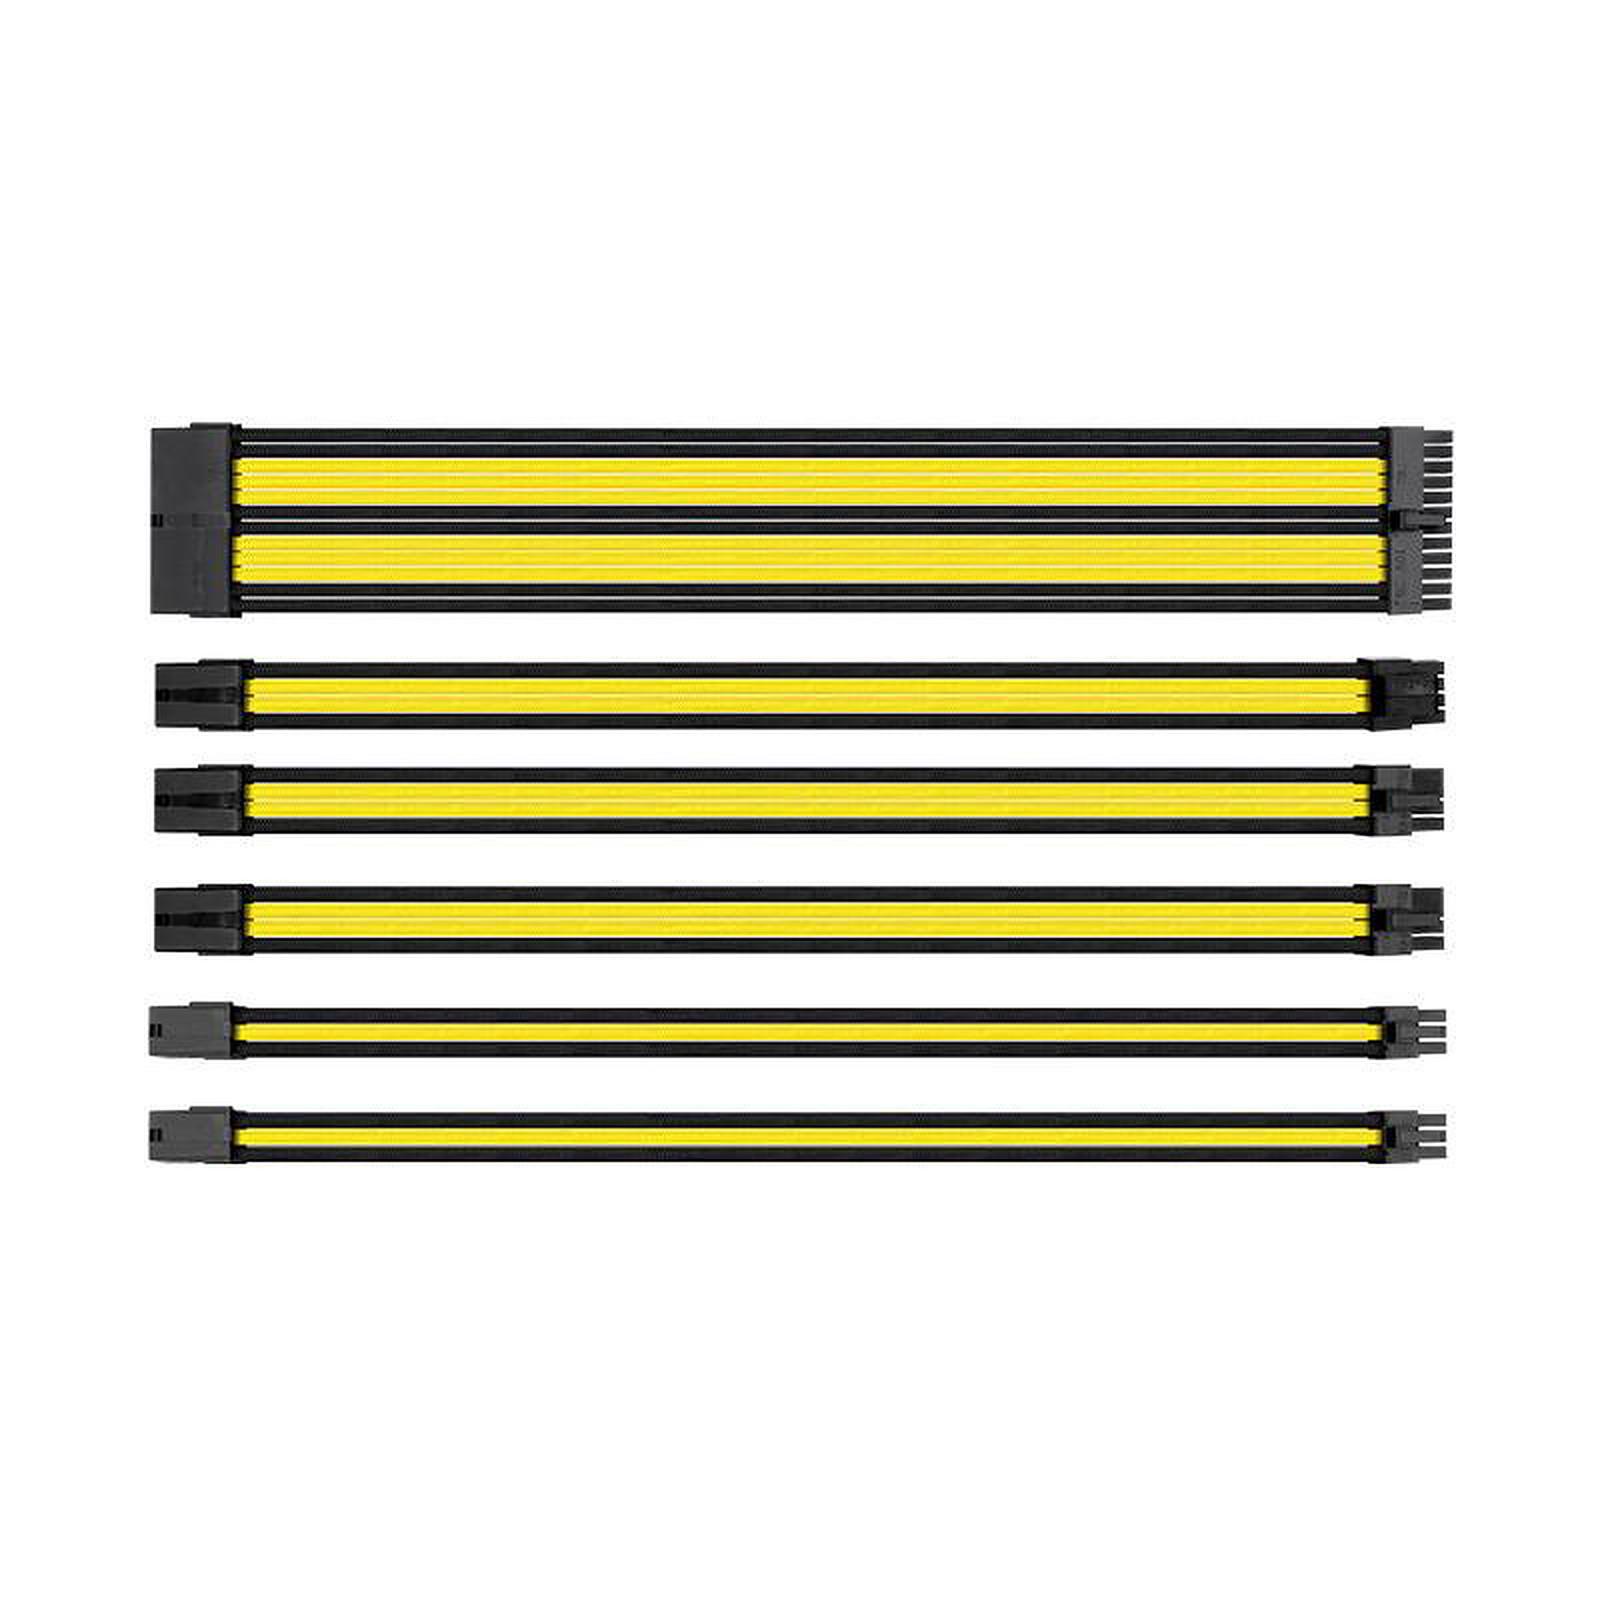 Thermaltake TtMod Sleeve Cable (Extension Câble Tressé) - Jaune et Noir